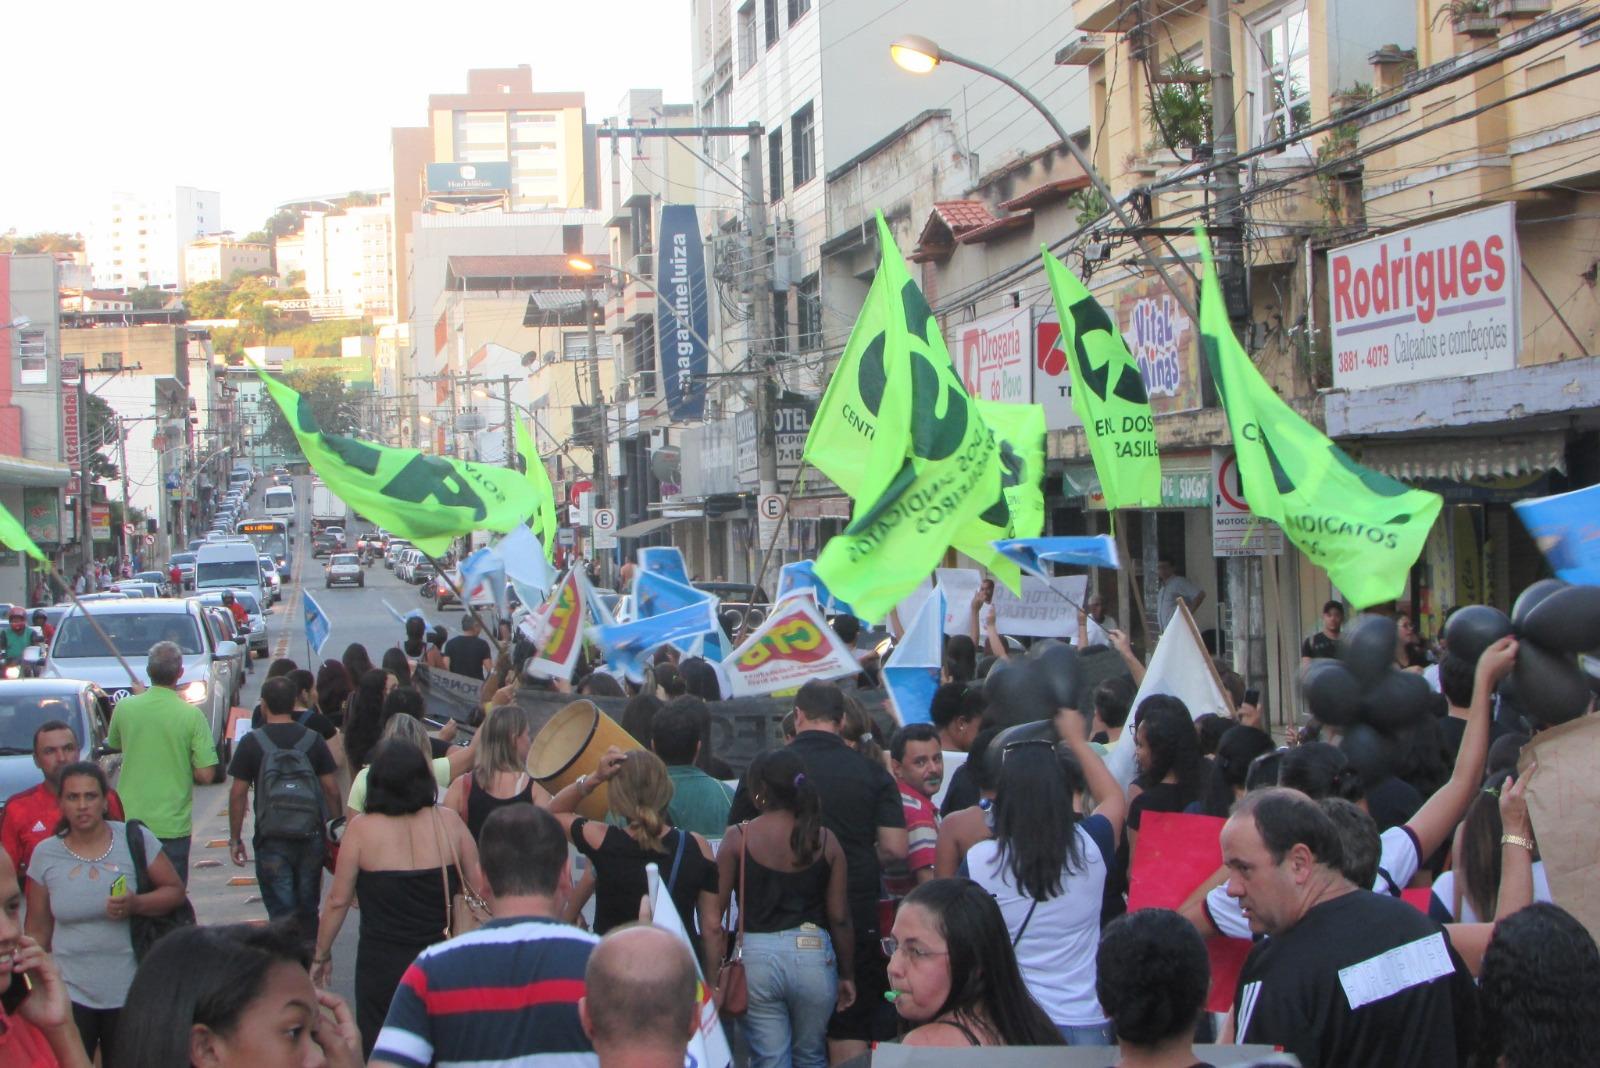 Sindicatos filiados à CSB fazem manifestações contra a PEC 287 em todo o Brasil